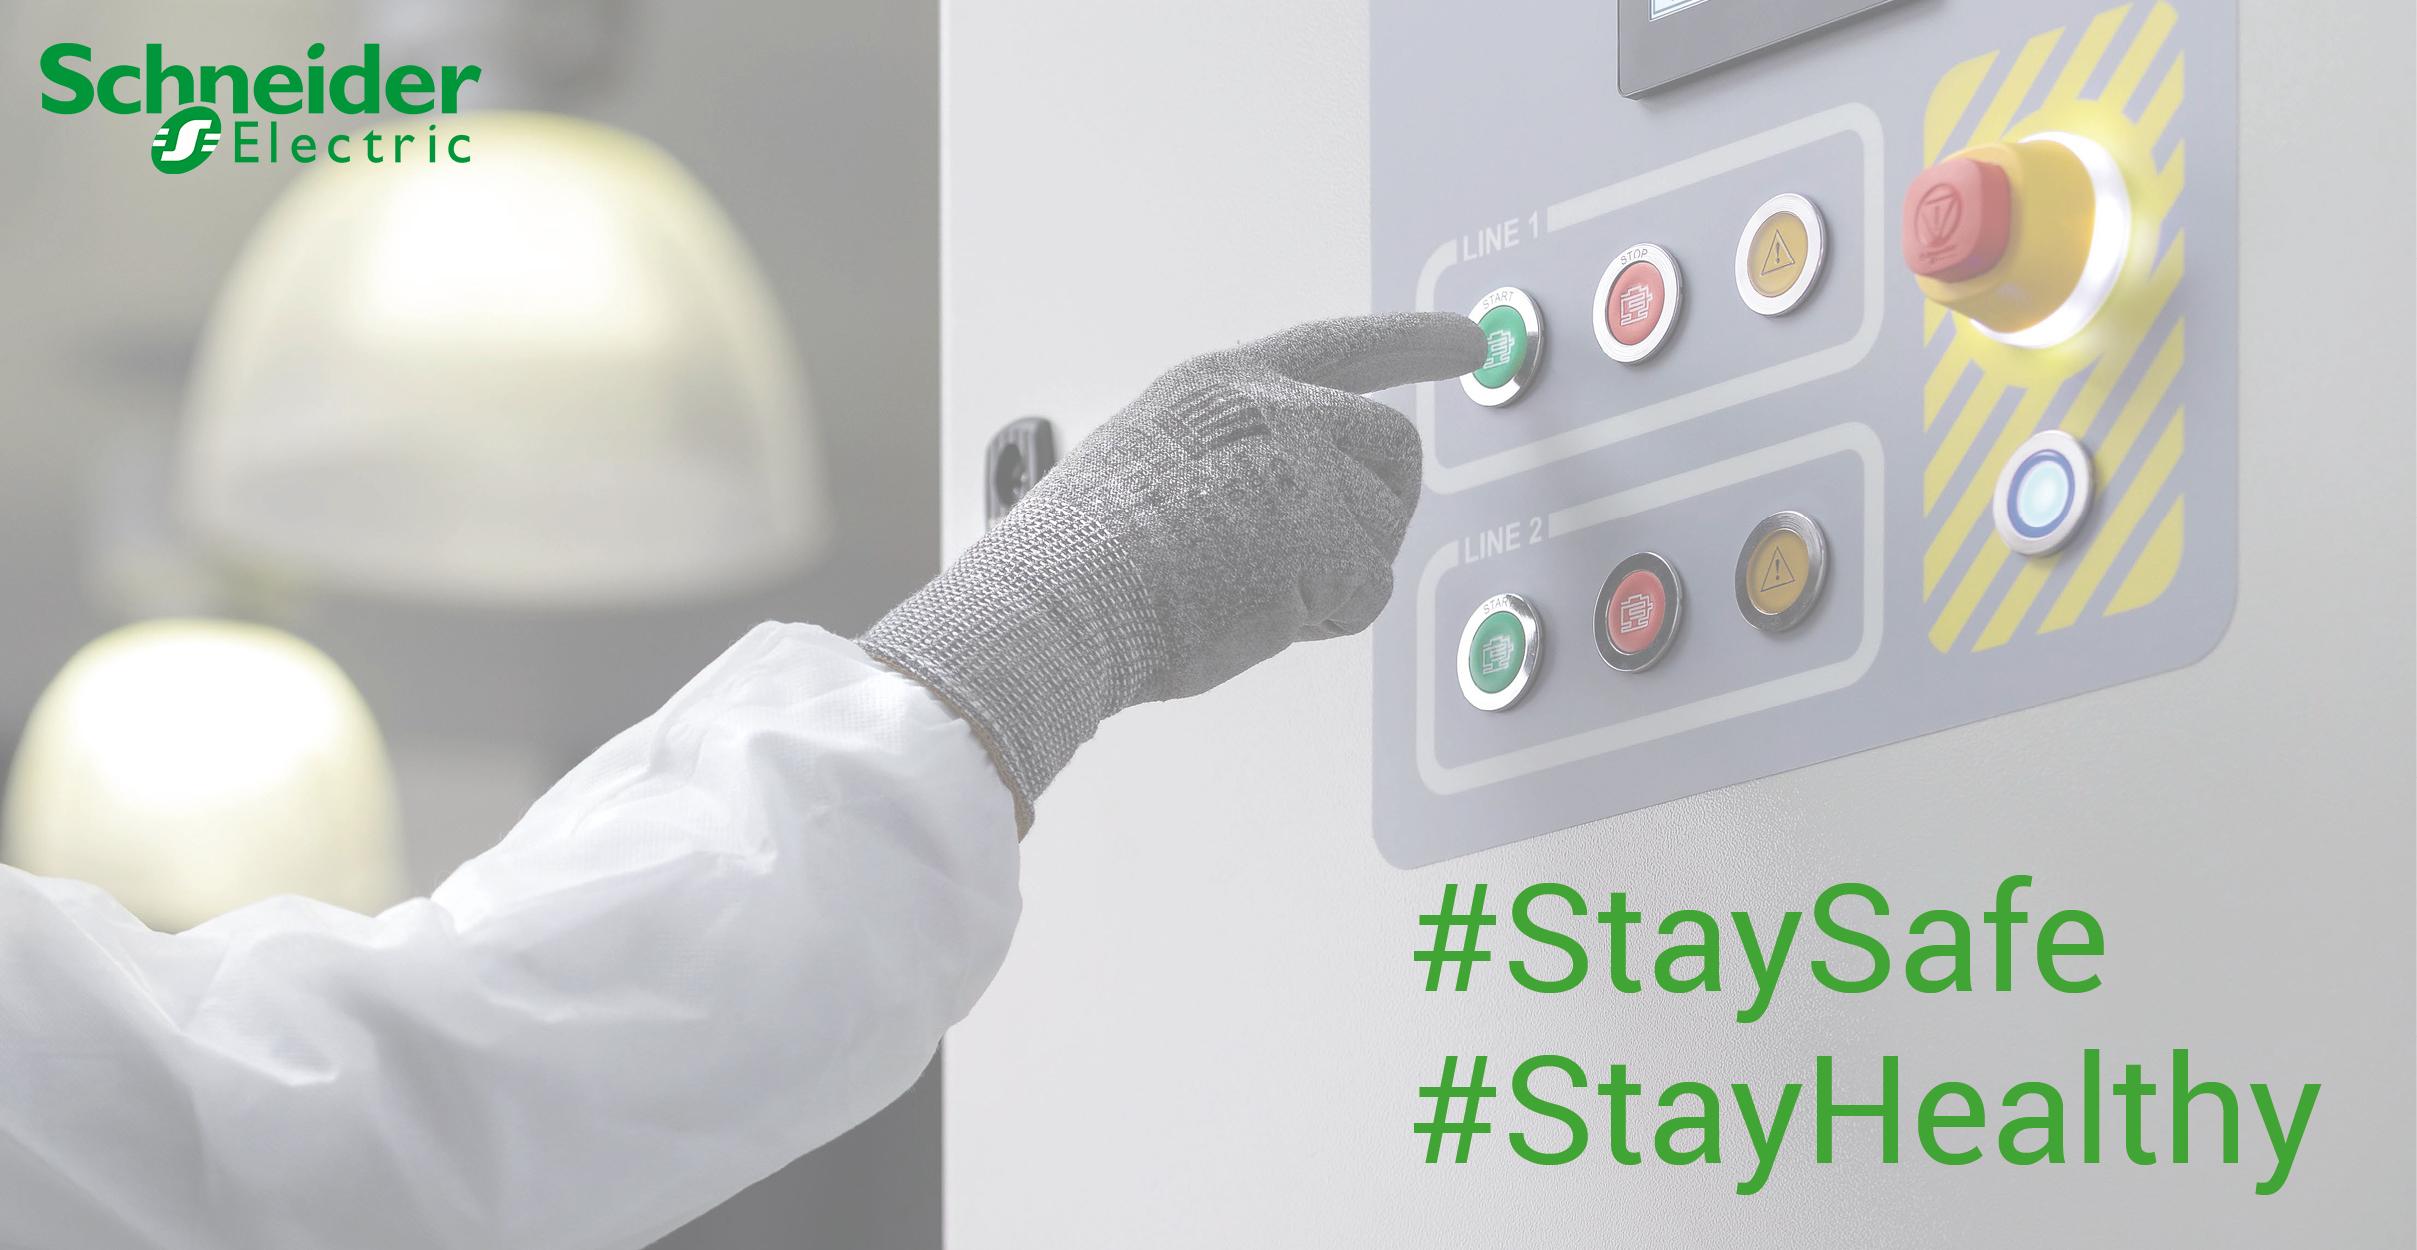 Schneider Electric StaySafe